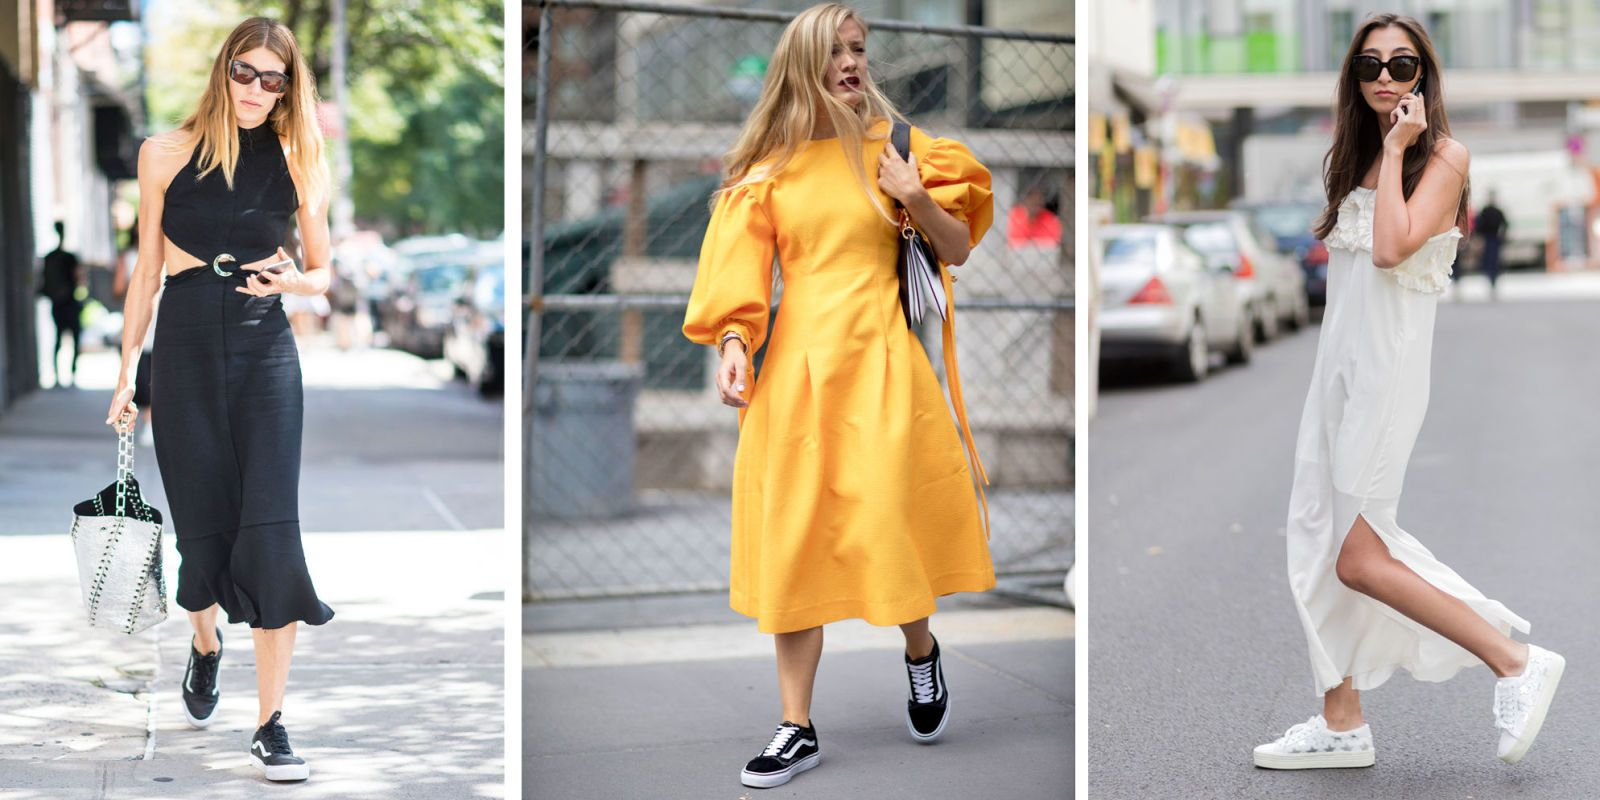 Come abbinare le sneakers ad abiti eleganti lunghi, corti